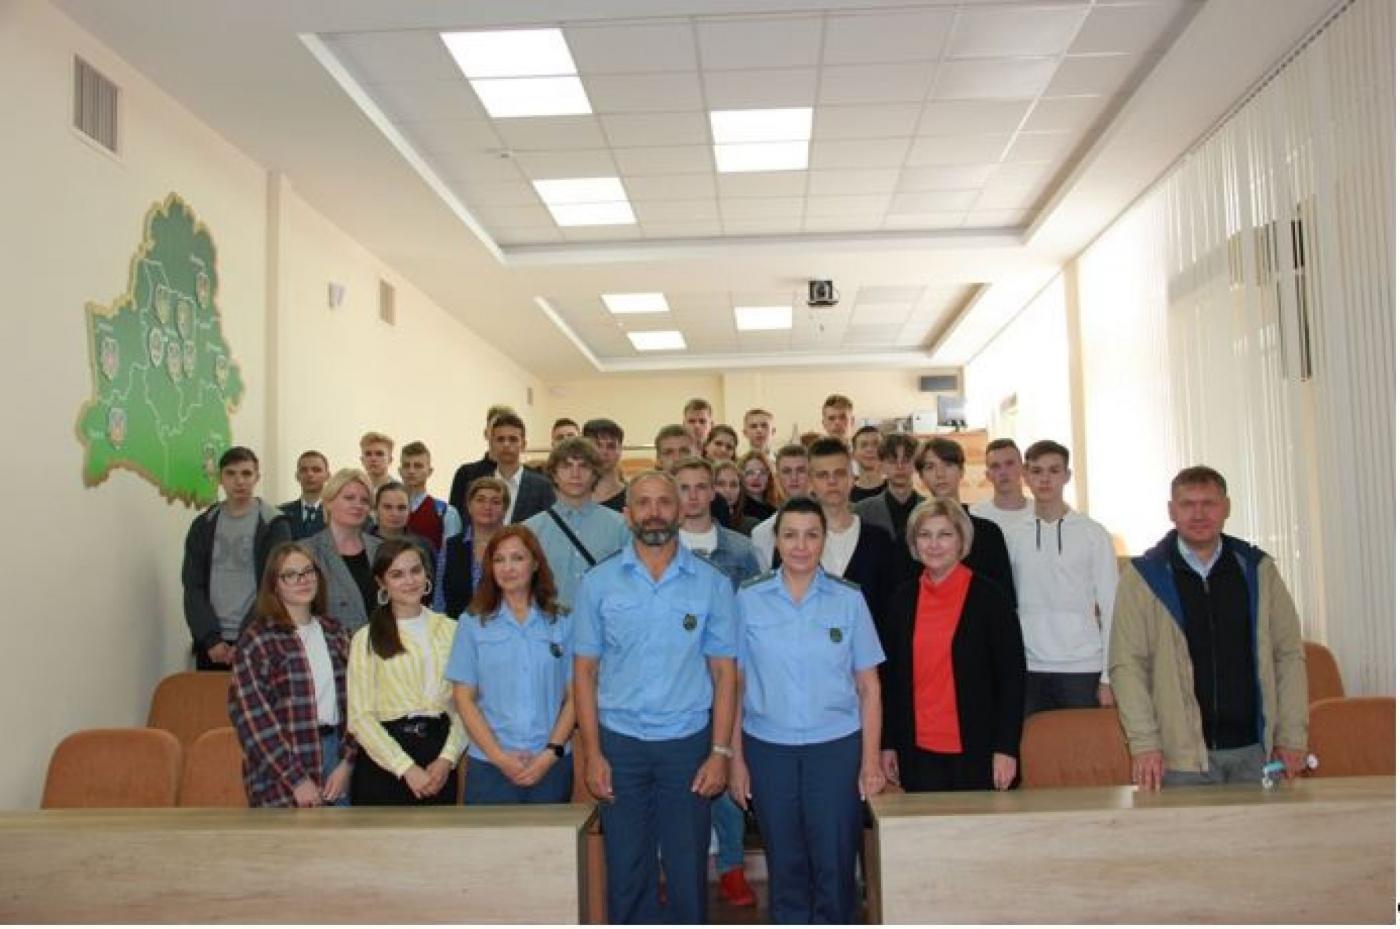 Профориентационное мероприятие «Задай вопрос таможеннику», посвященное 30-летию образования таможенной службы Республики Беларусь